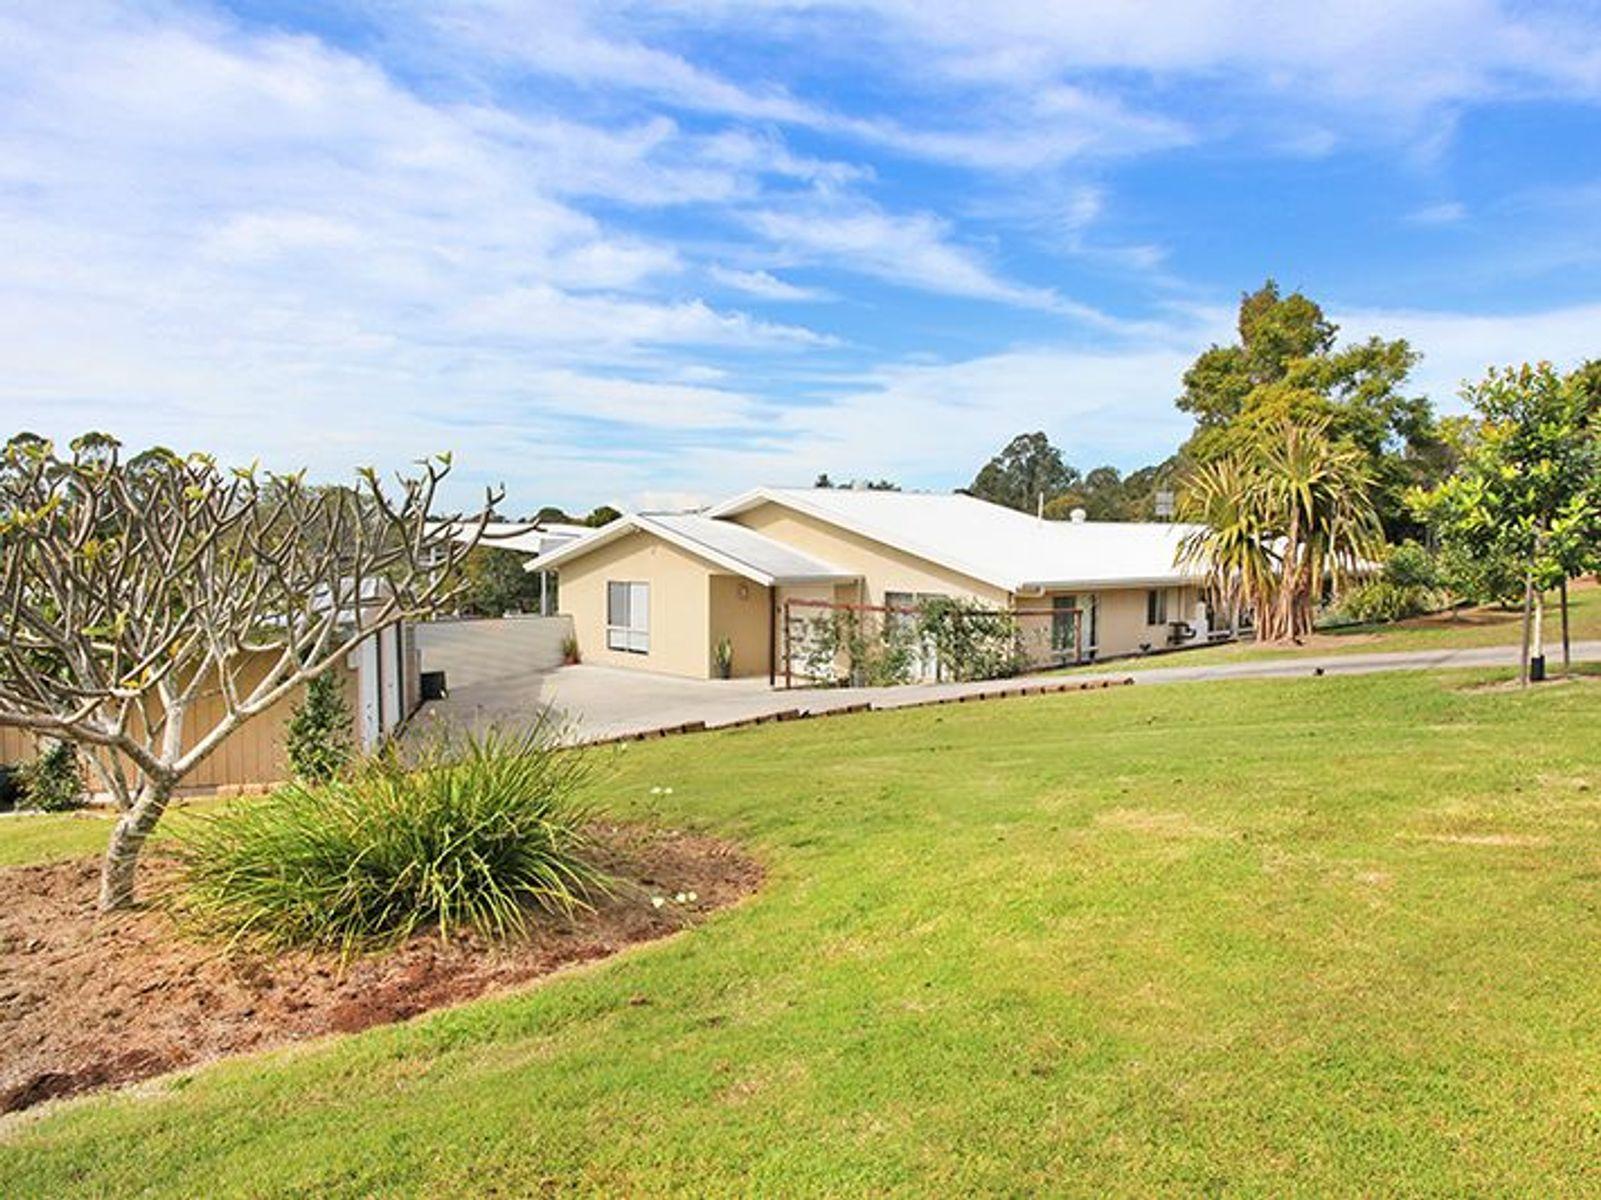 43-45 Jewett Road, Kureelpa, QLD 4560